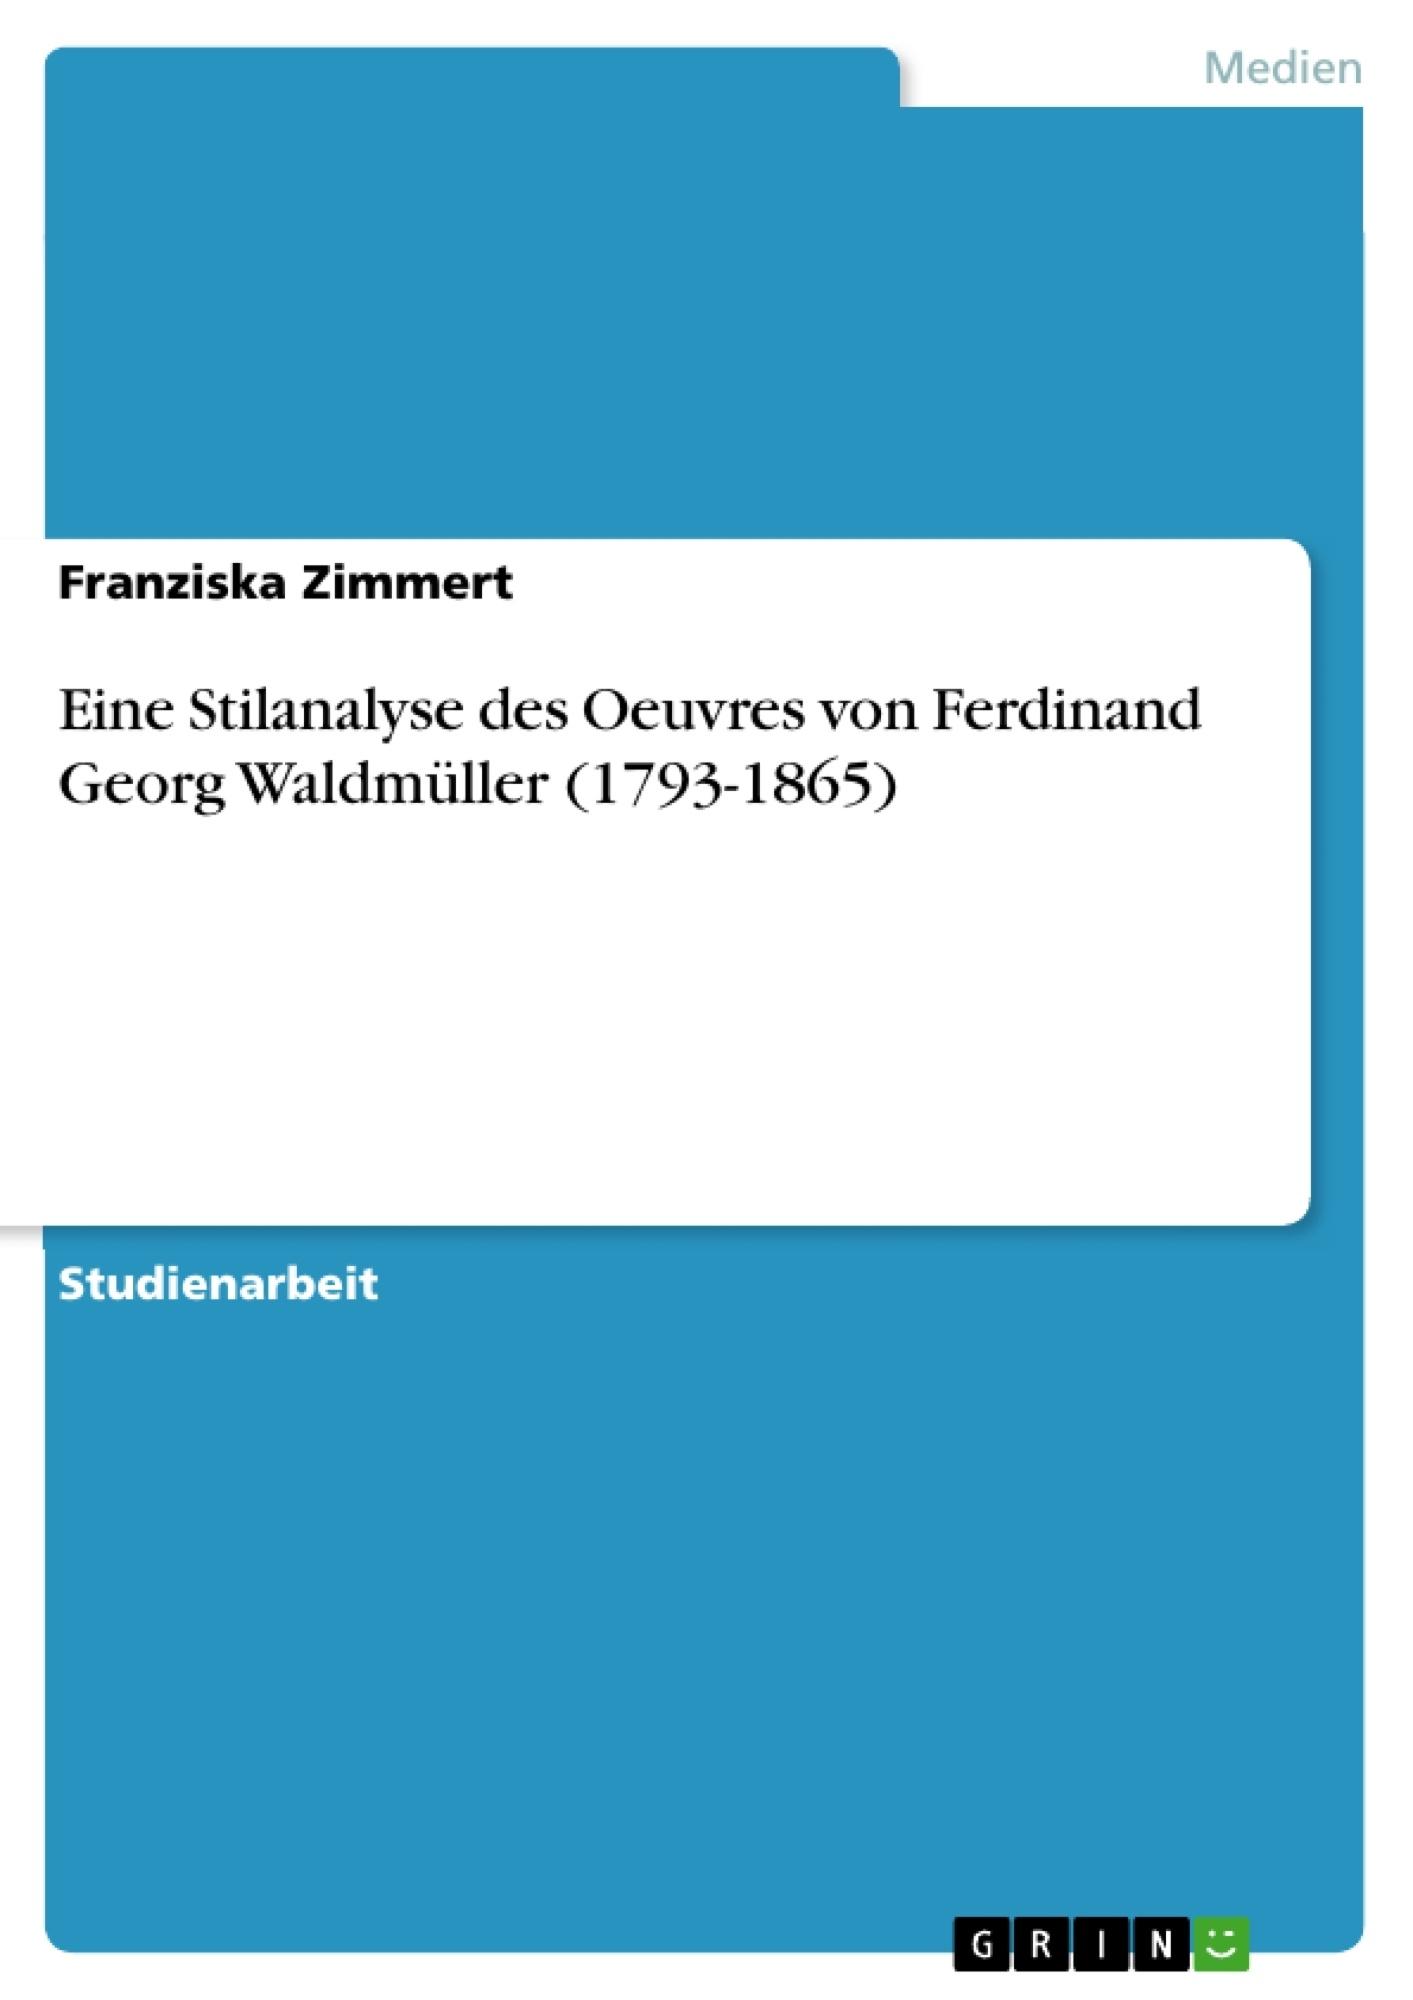 Titel: Eine Stilanalyse des Oeuvres von Ferdinand Georg Waldmüller (1793-1865)